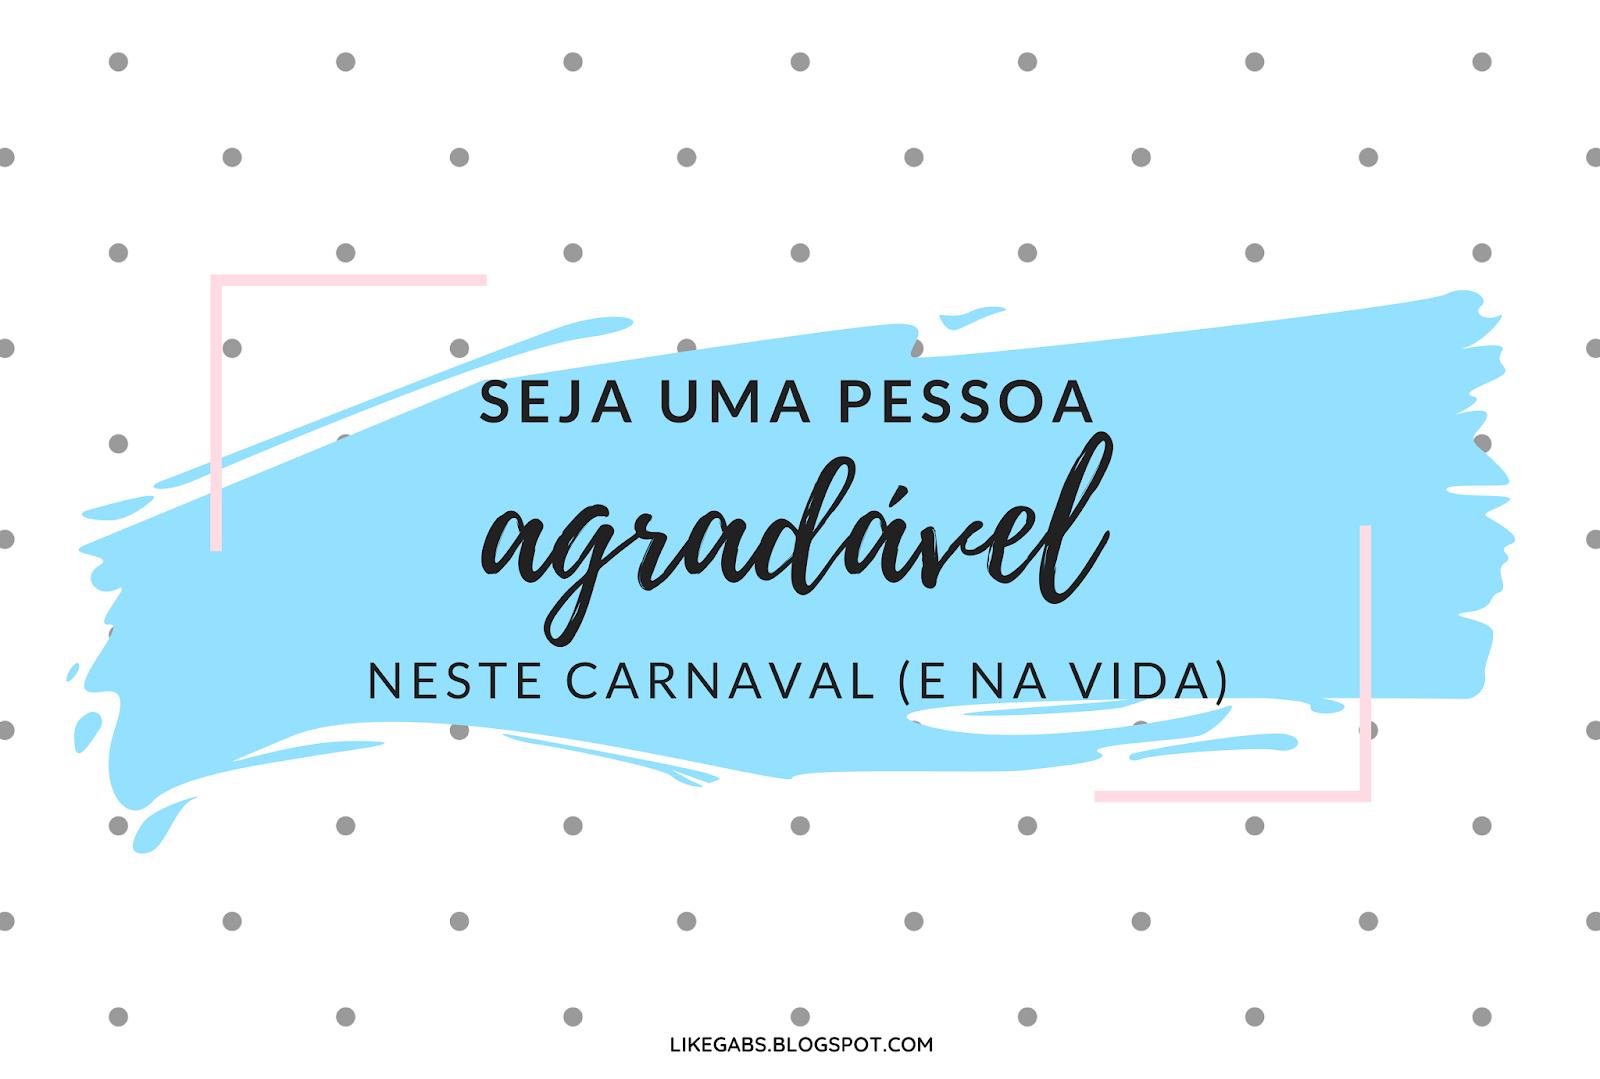 5 lembretes para que você seja agradável neste carnaval